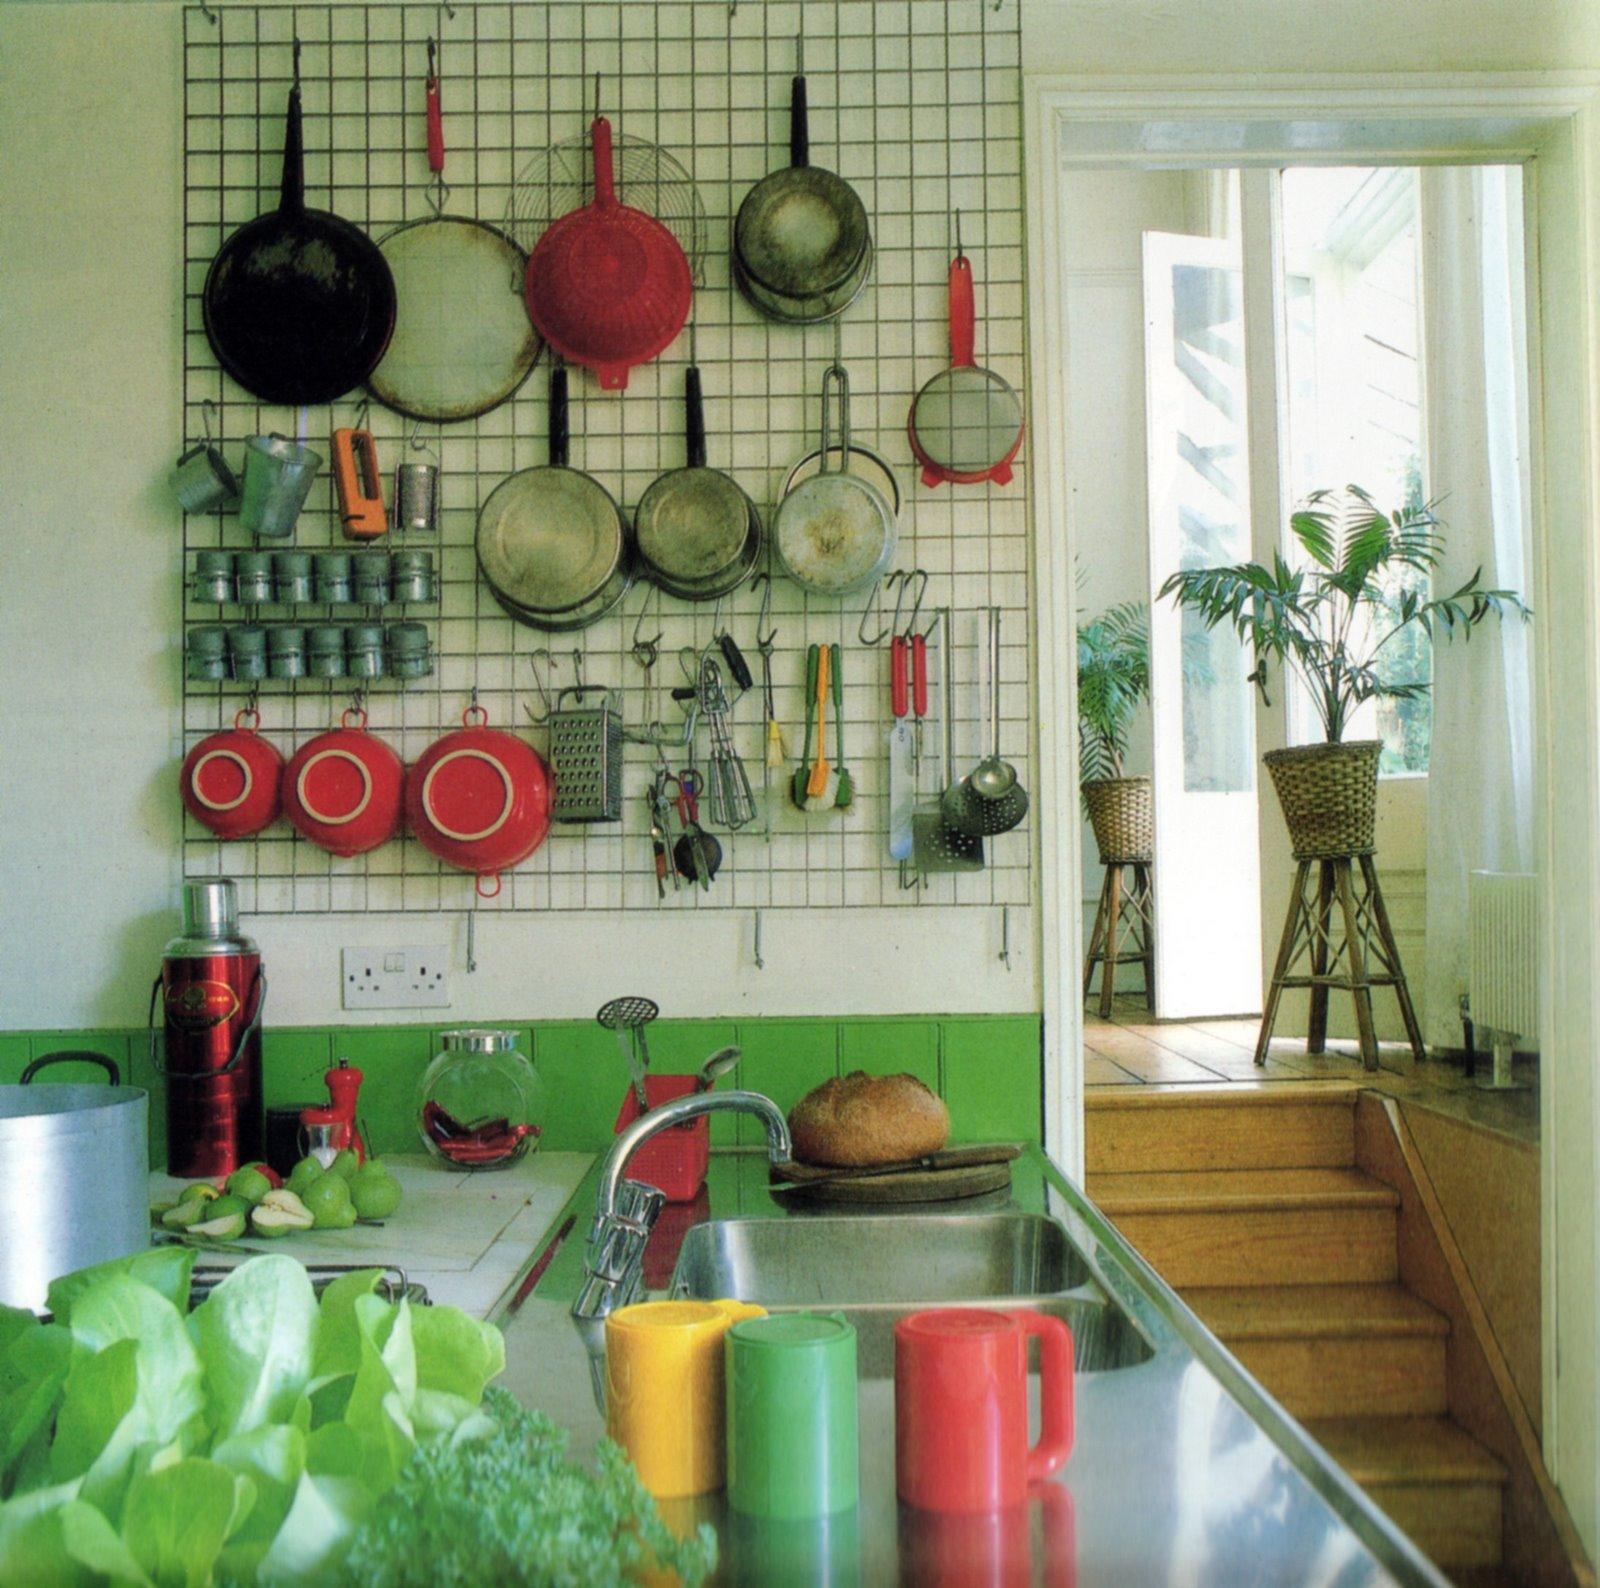 メッシュパネルで簡単、便利で使いやすい壁面収納を作る方法!のサムネイル画像